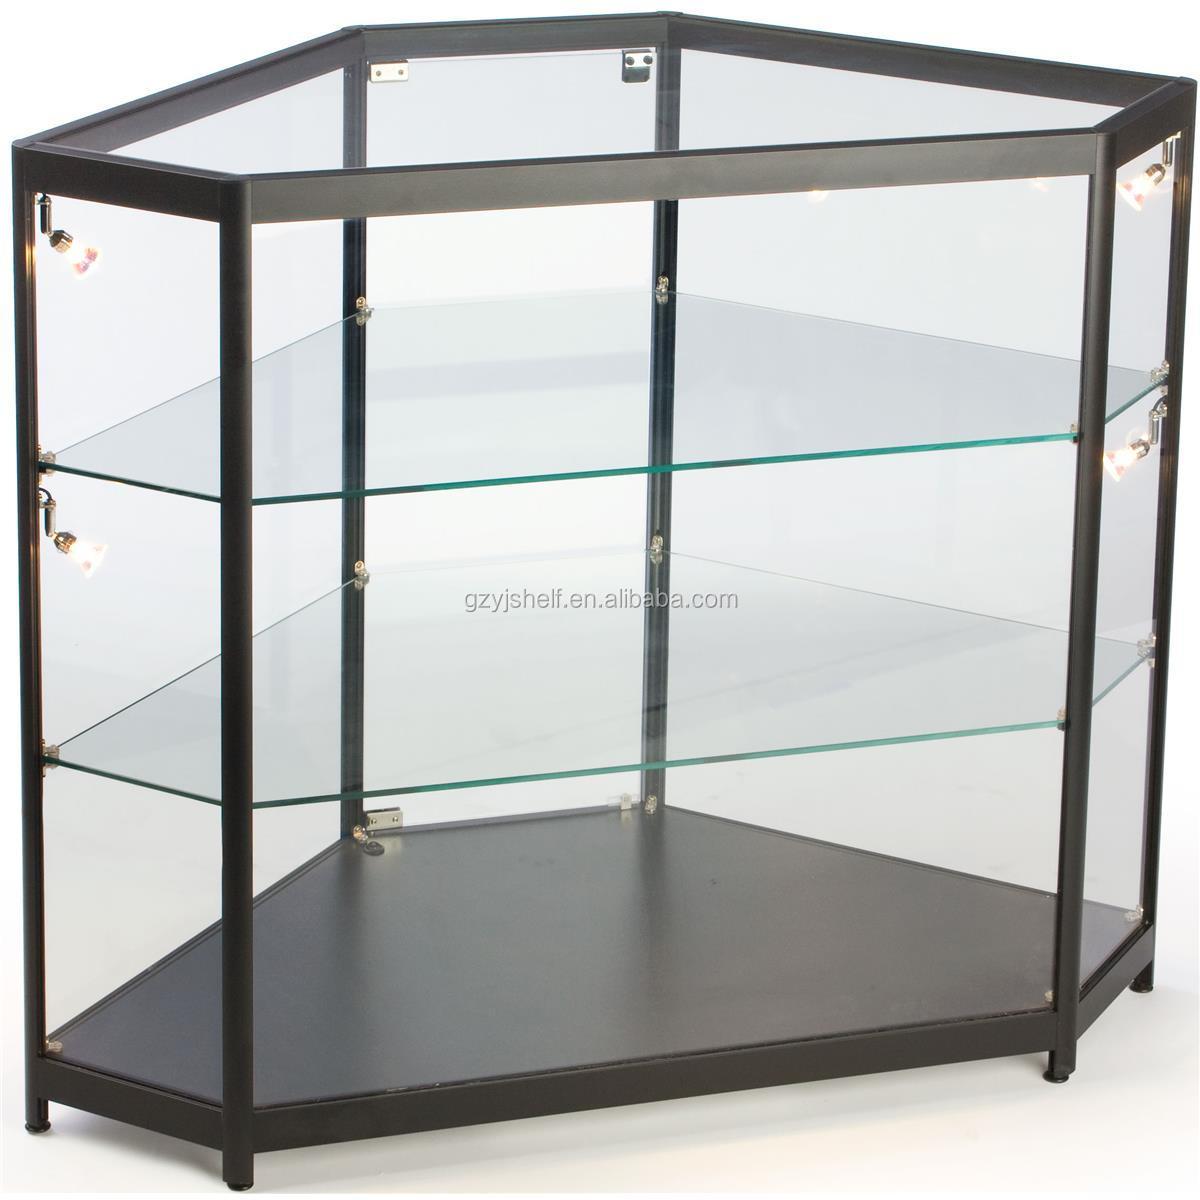 Hoek Vitrinekast Glas.Rechthoek Houten Glas Sieraden Vitrinekast Glas Retail Teller Buy